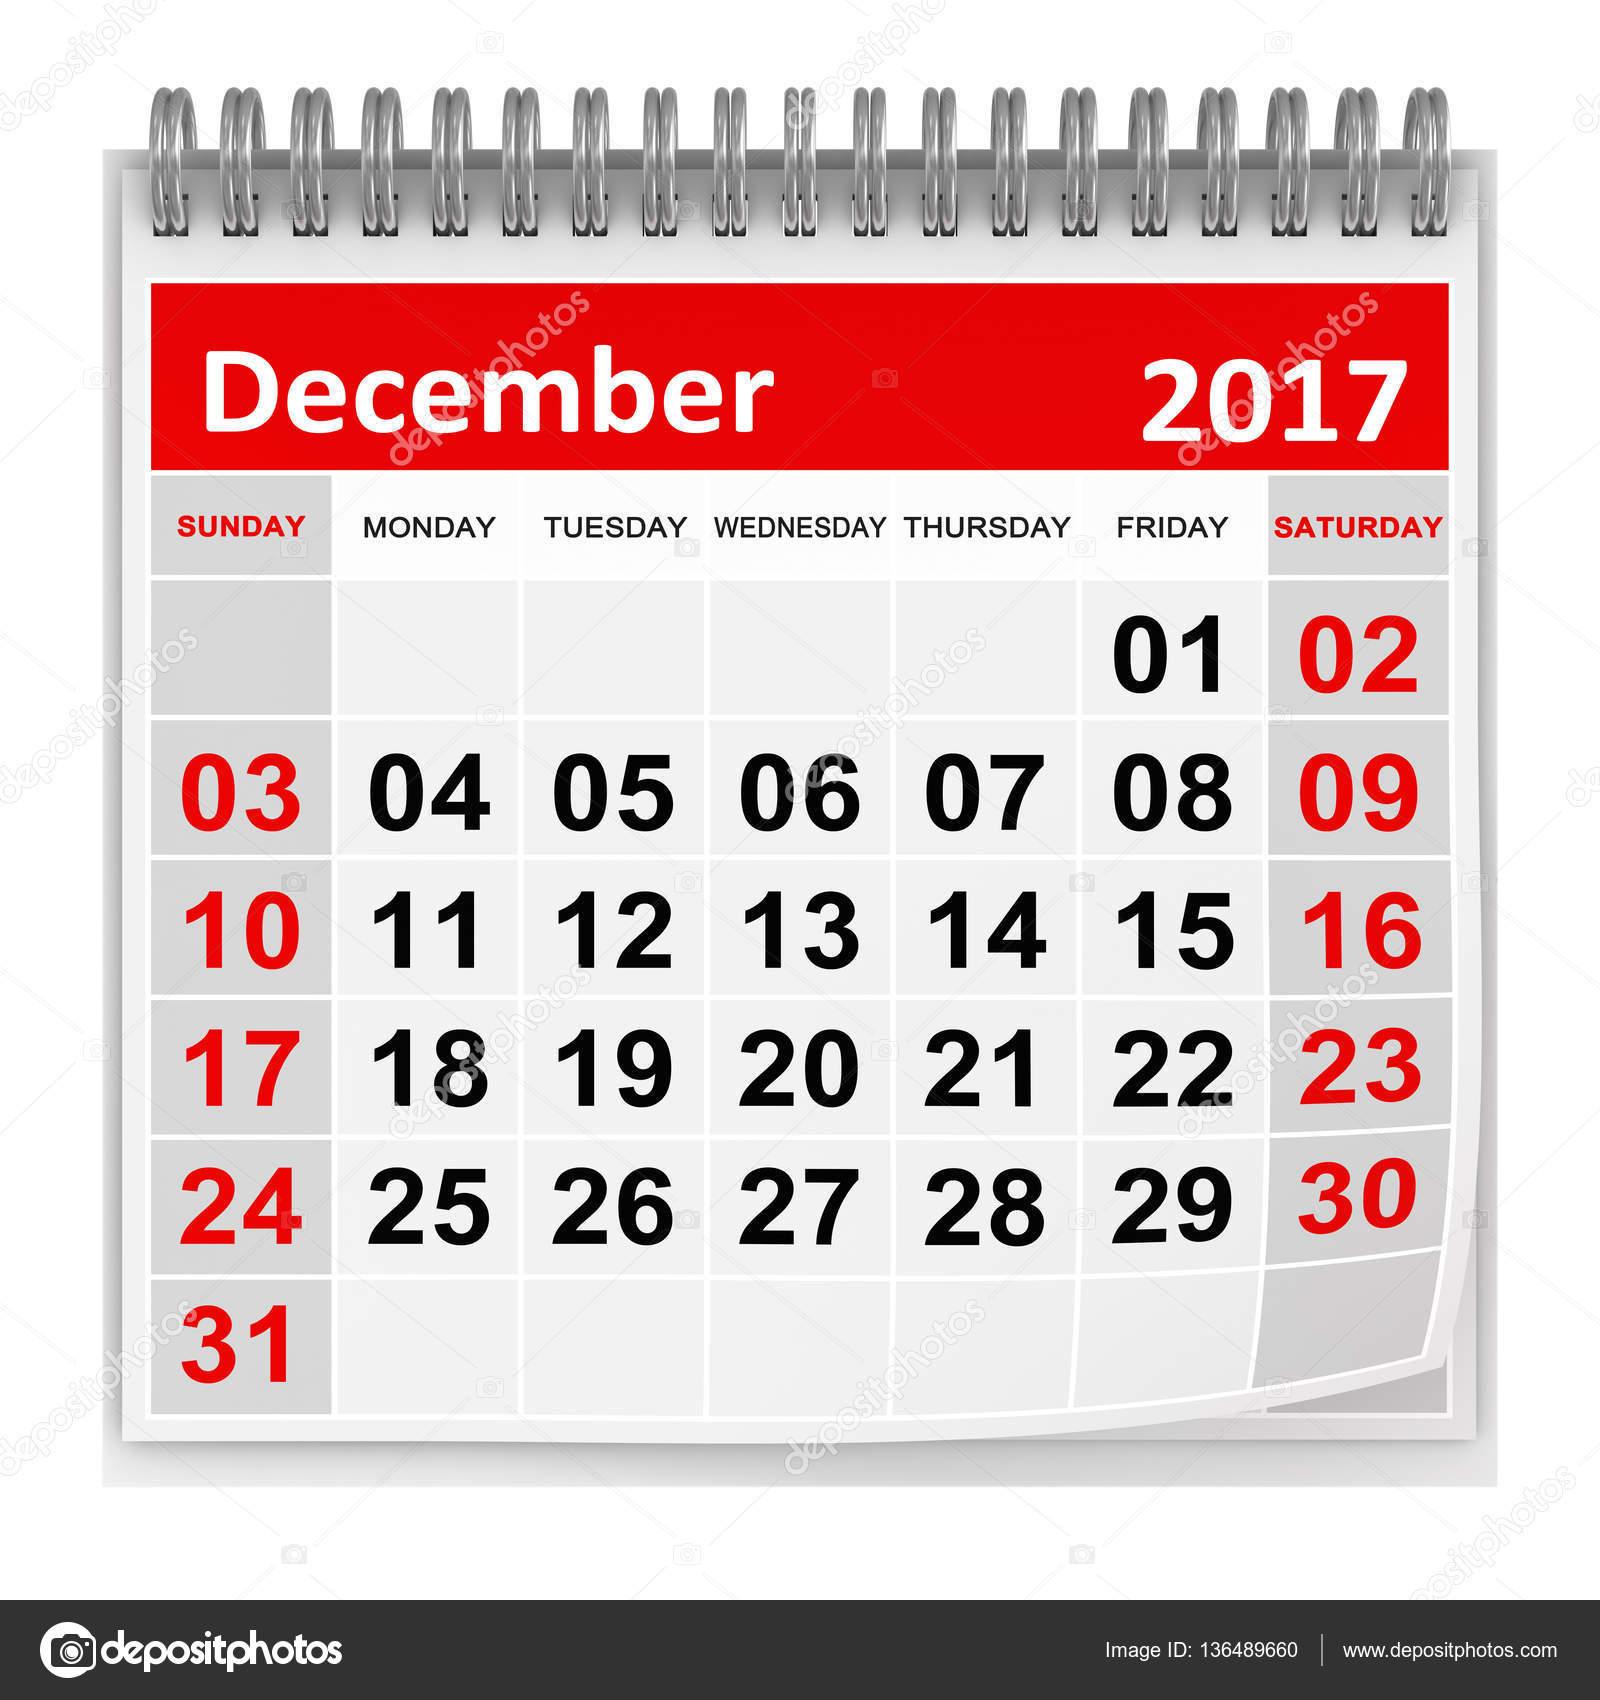 Calendário Dezembro De 2017 Stock Photo Adempercem 136489660